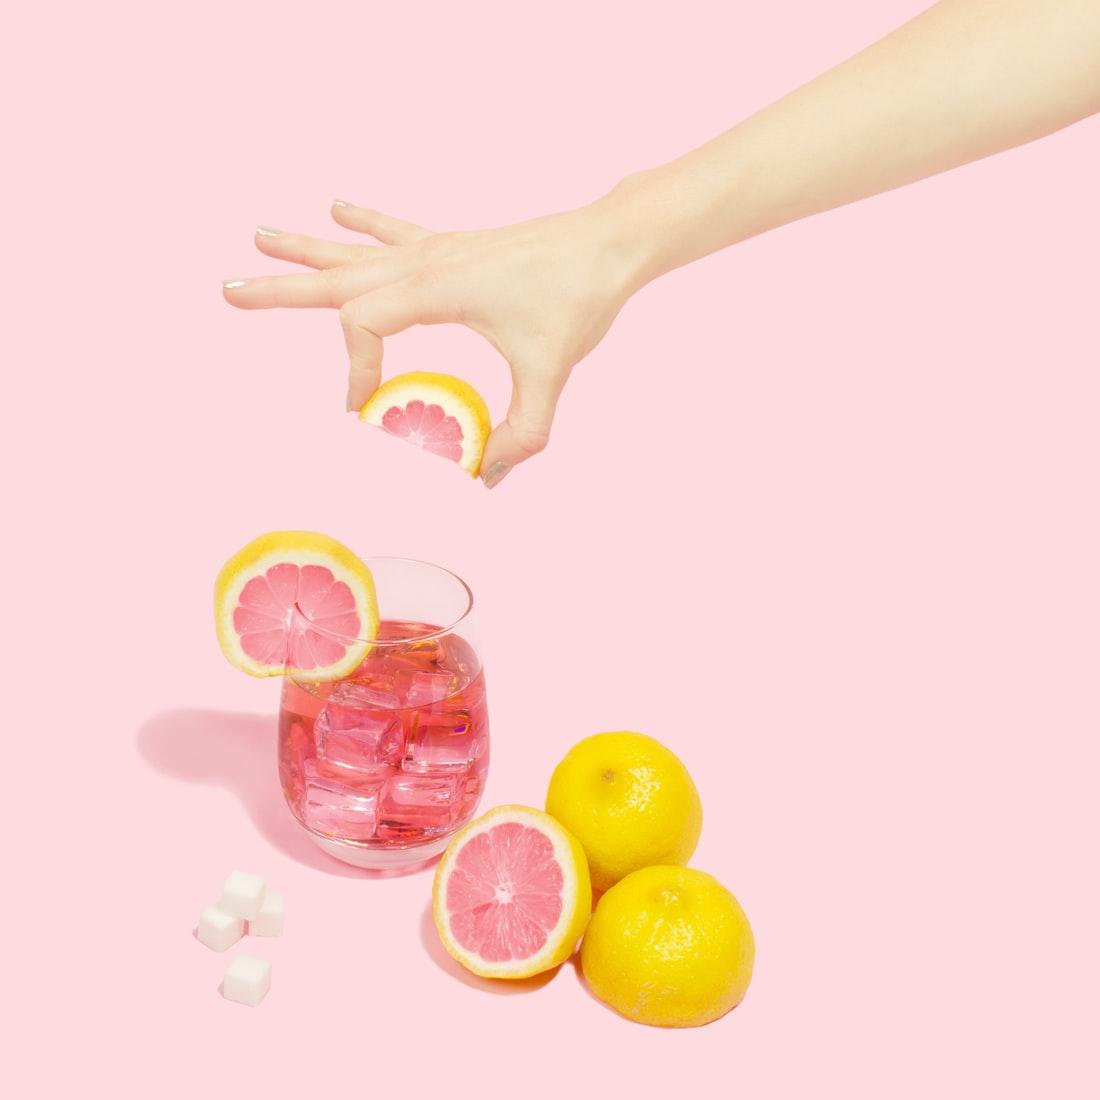 Bưởi cung cấp nhiều vitamin C và khoáng chất thiết yếu cho cơ thể.